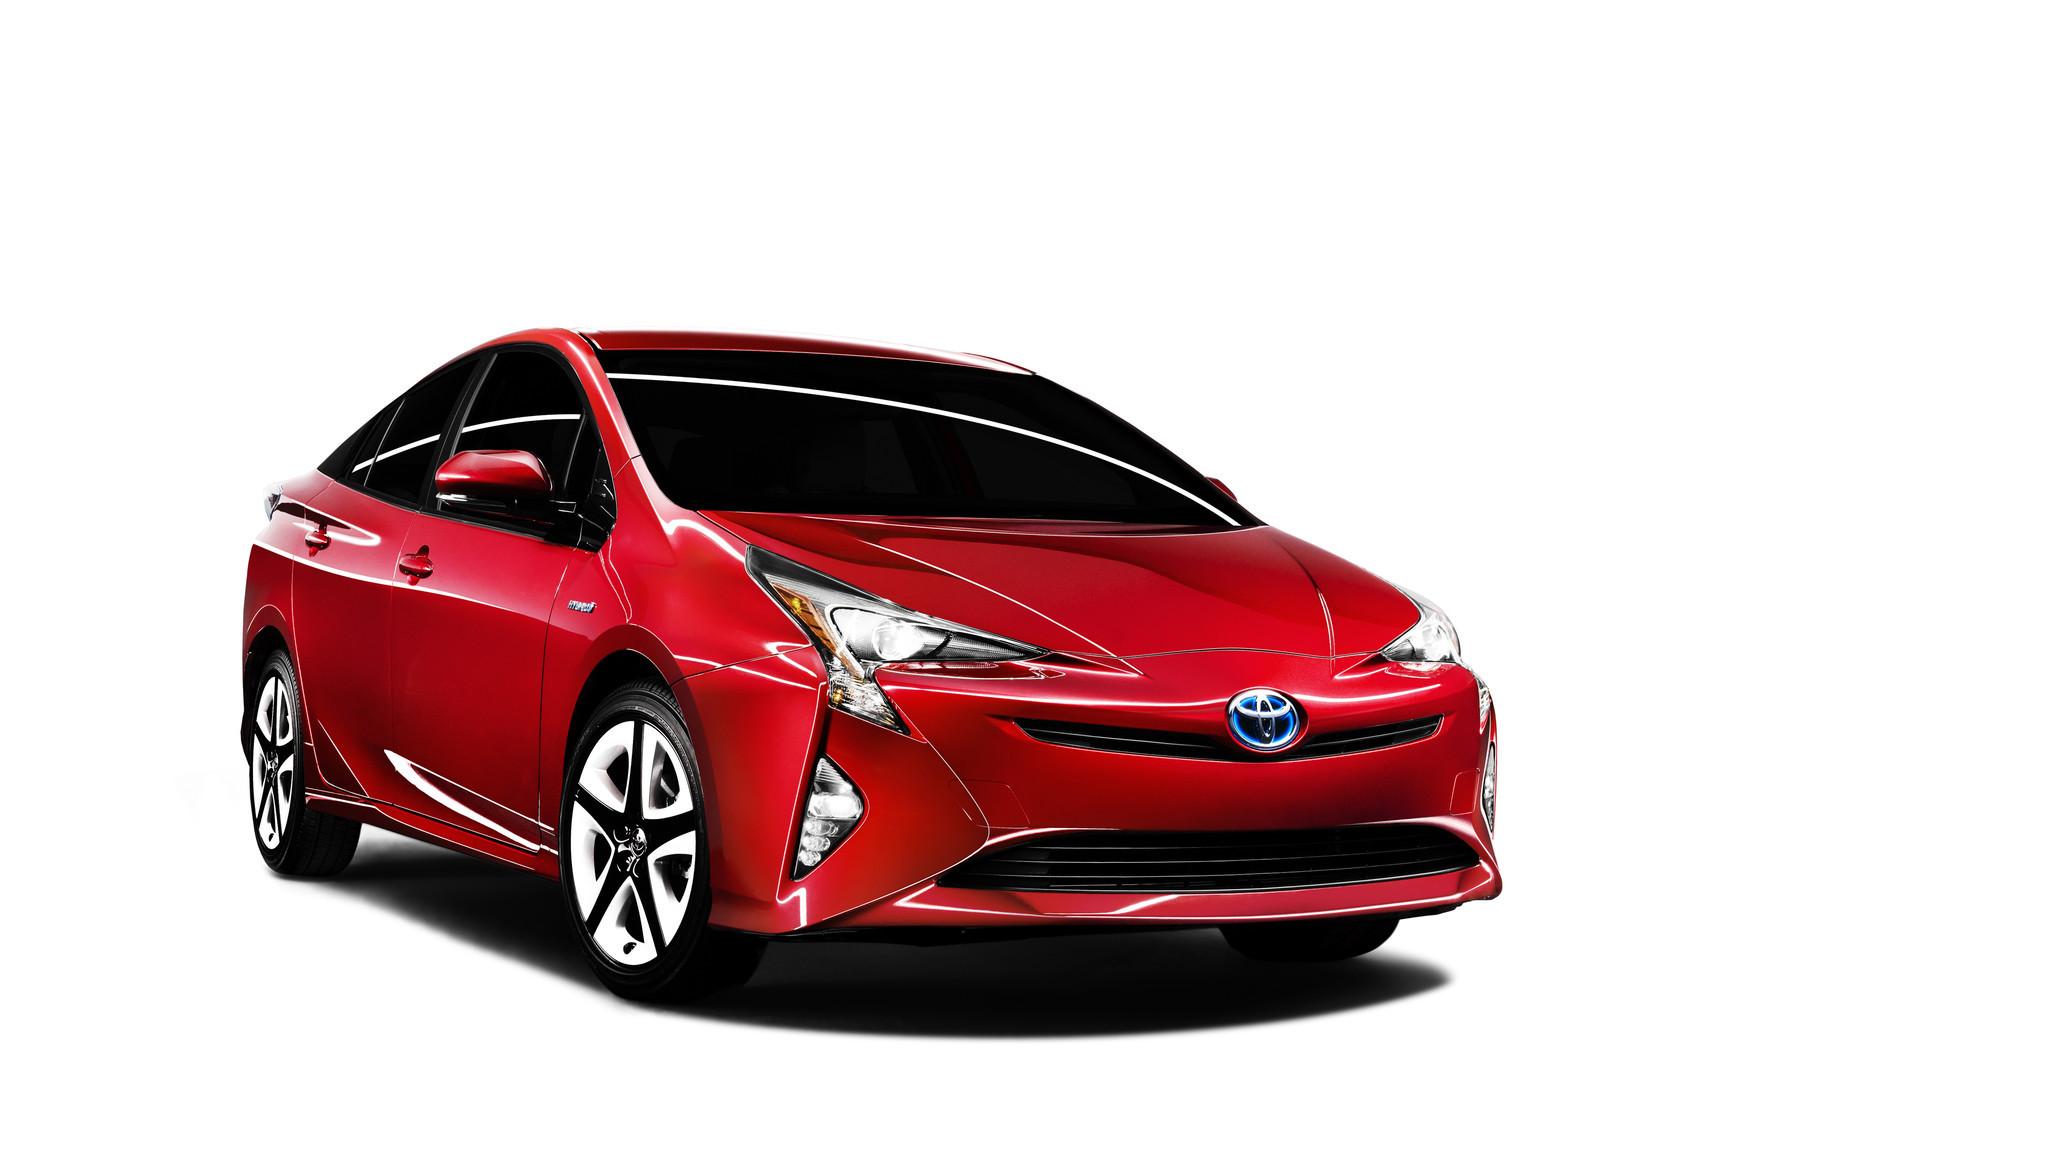 Toyota Acknowledges Reports Of Crashes S Recalls 340 000 Prius Cars Chicago Tribune